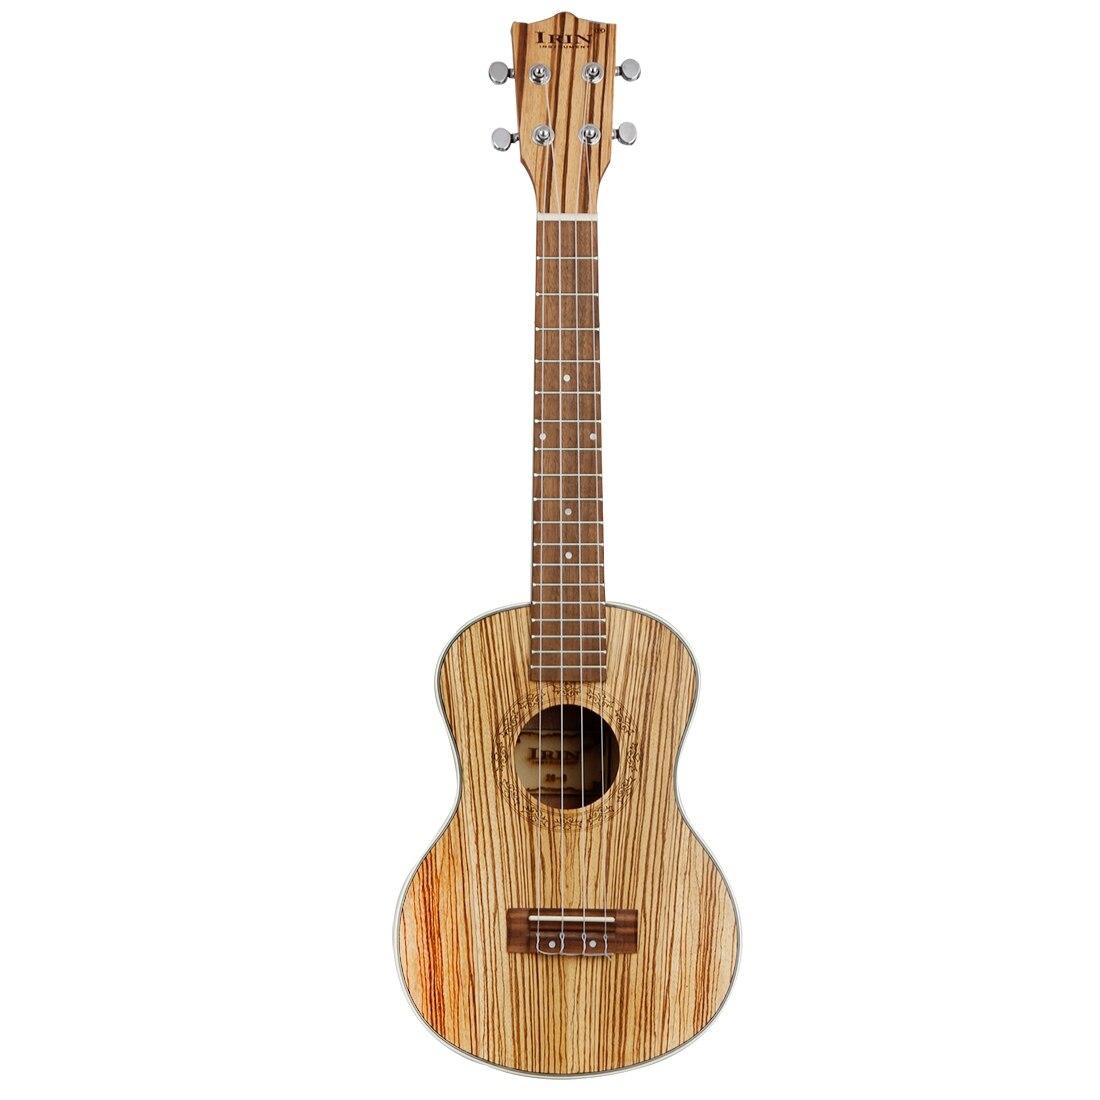 IRIN Concert ukulélé 26 pouces 4 cordes hawaïenne Mini guitare acoustique Ukelele guitare envoyer des cadeaux instrument Musical à cordes